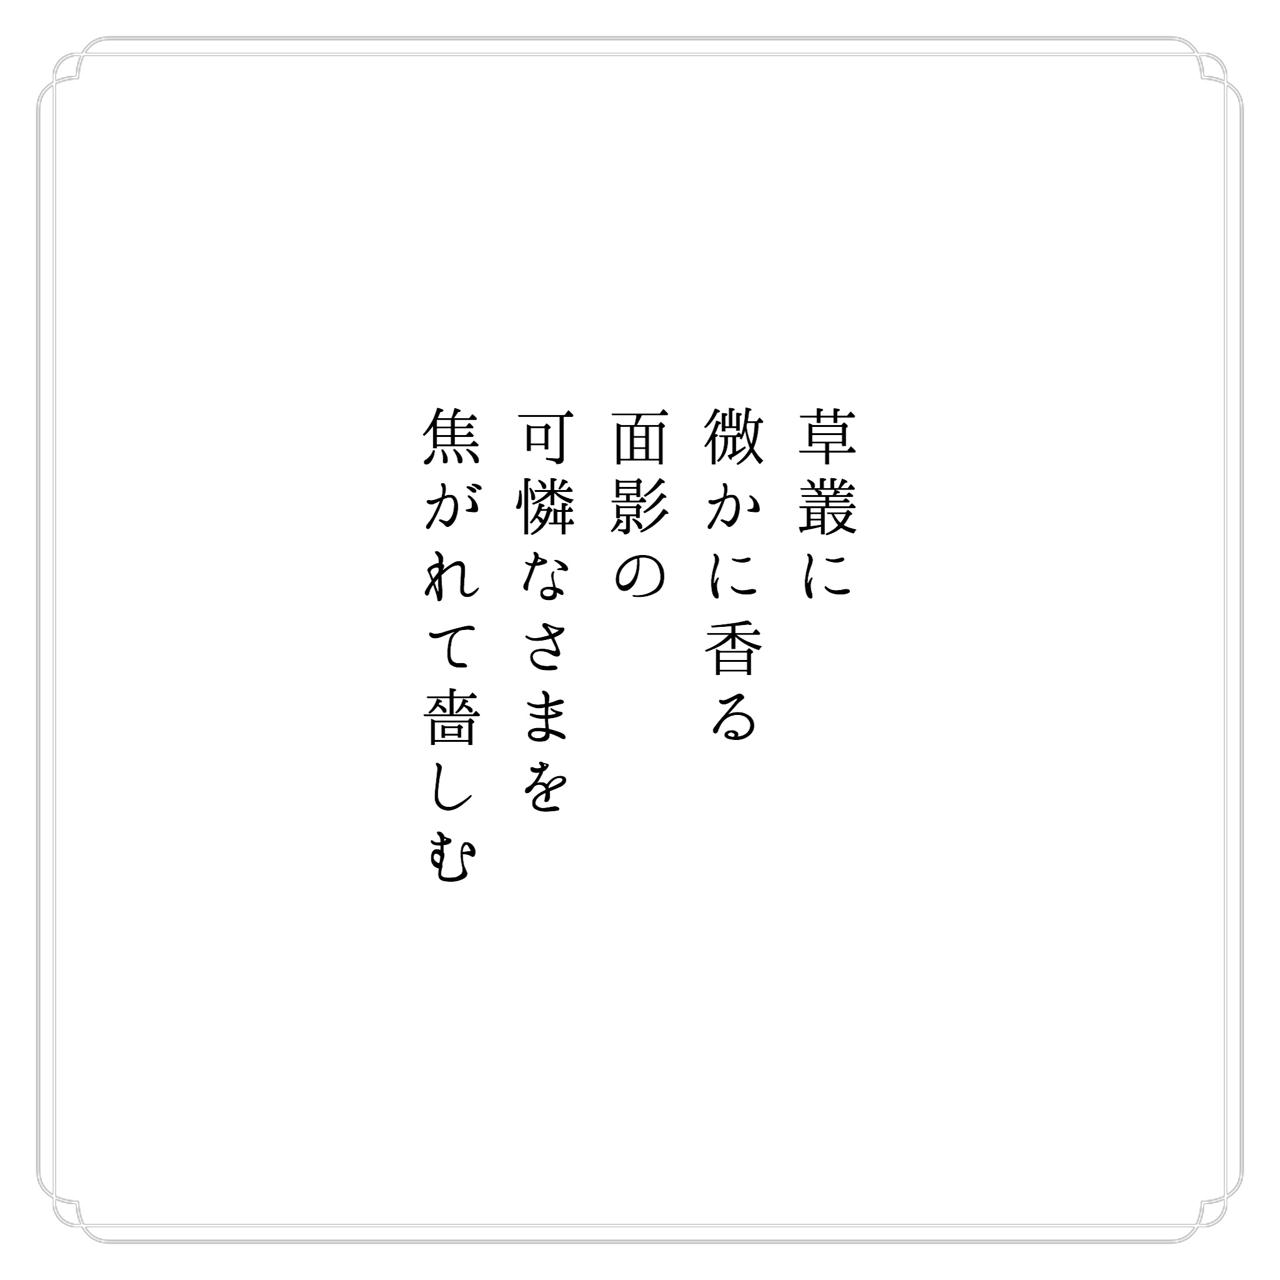 薔薇の詩|嶋田青磁|note